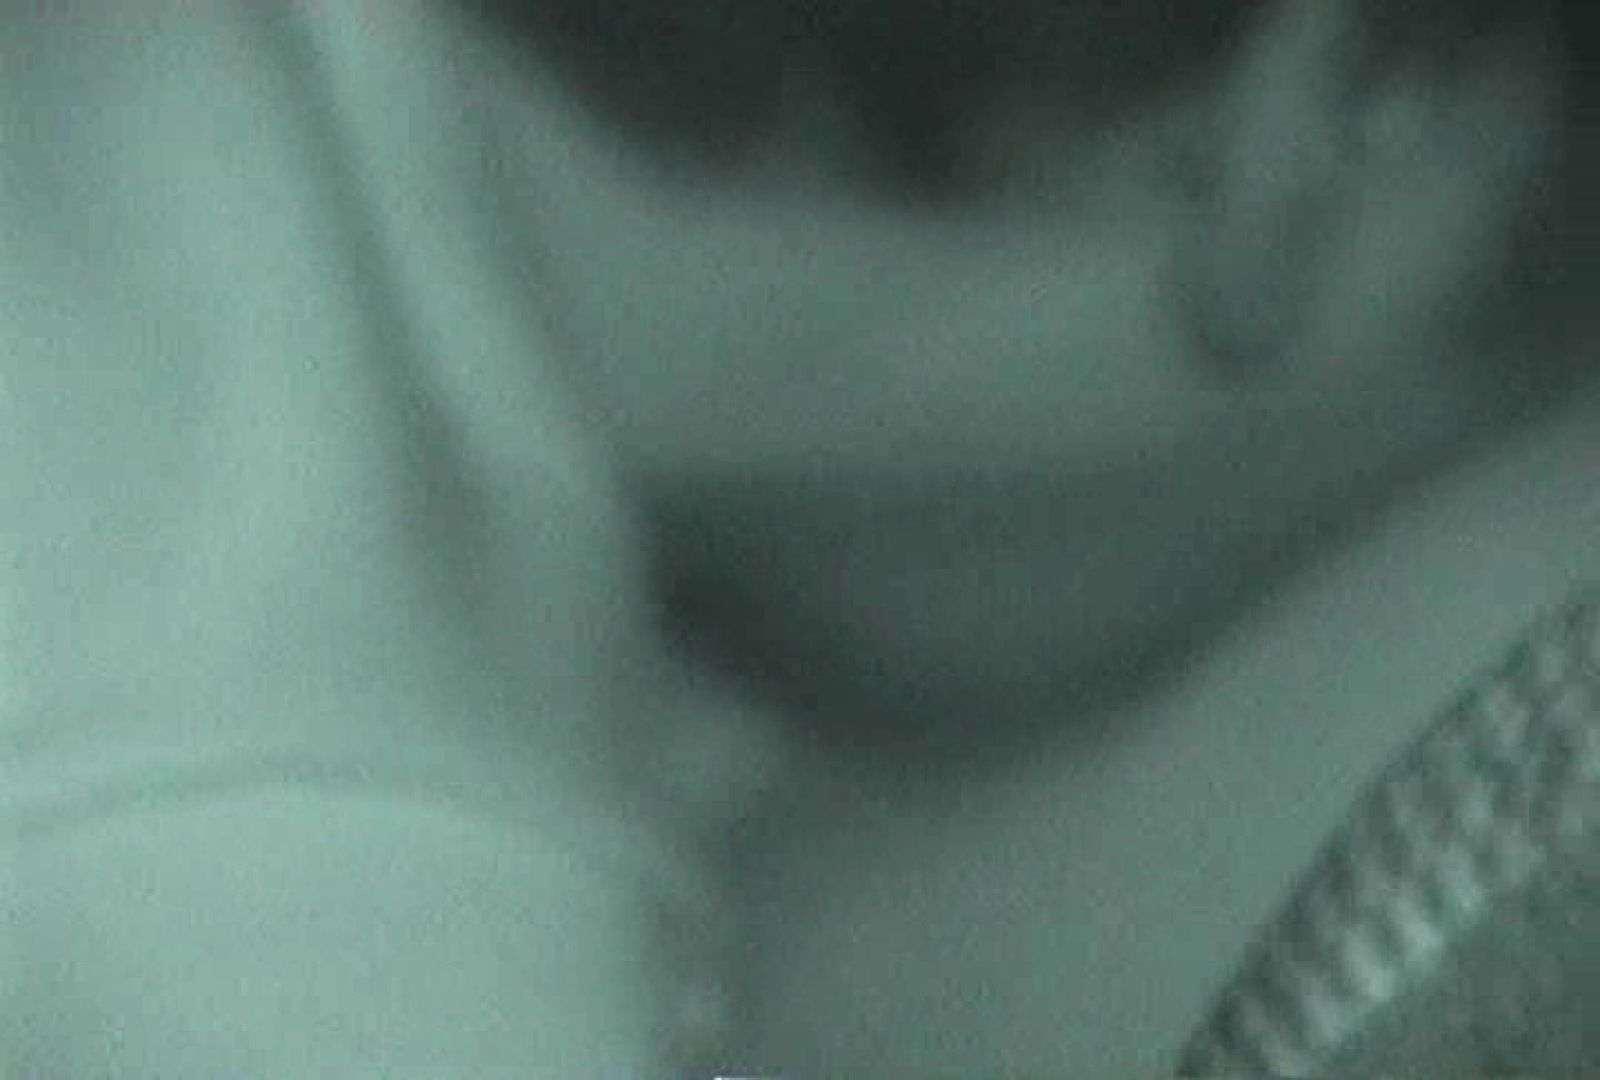 充血監督の深夜の運動会Vol.68 クンニ   生おまんこ  98PICs 61